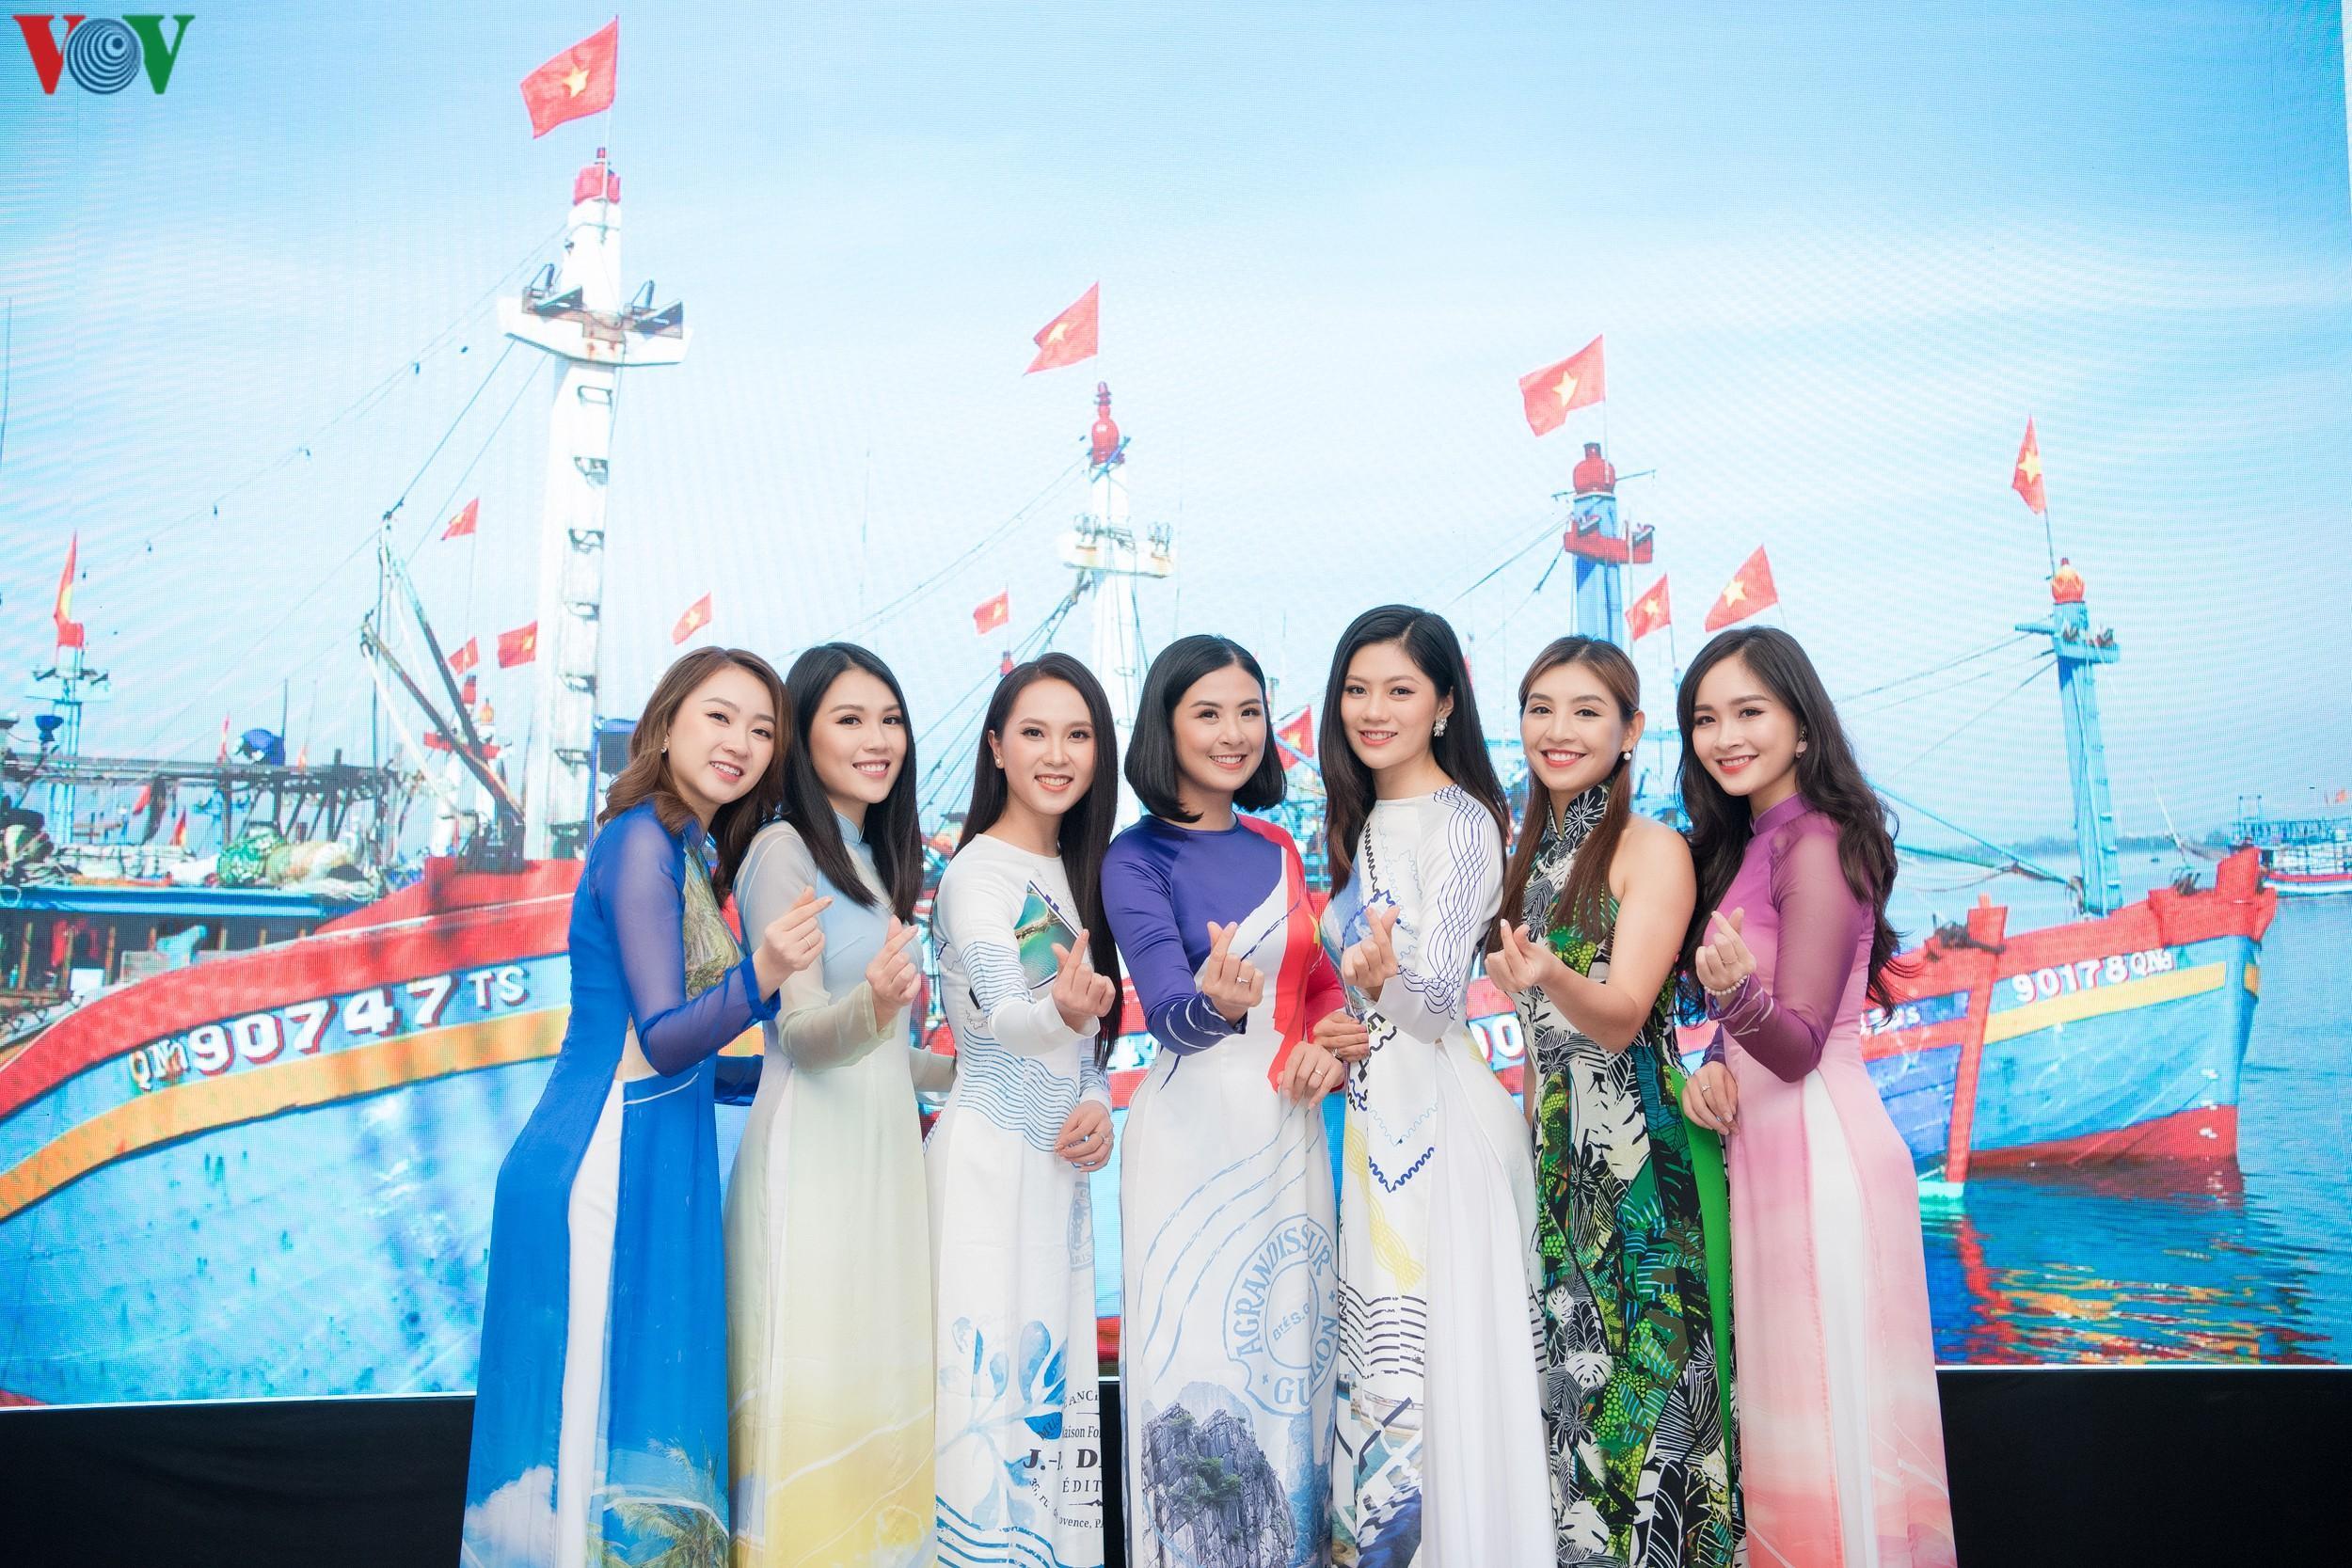 Hoa hậu Ngọc Hân, Đỗ Mỹ Linh đọ dáng với áo dài in hình biển đảo Ảnh 1